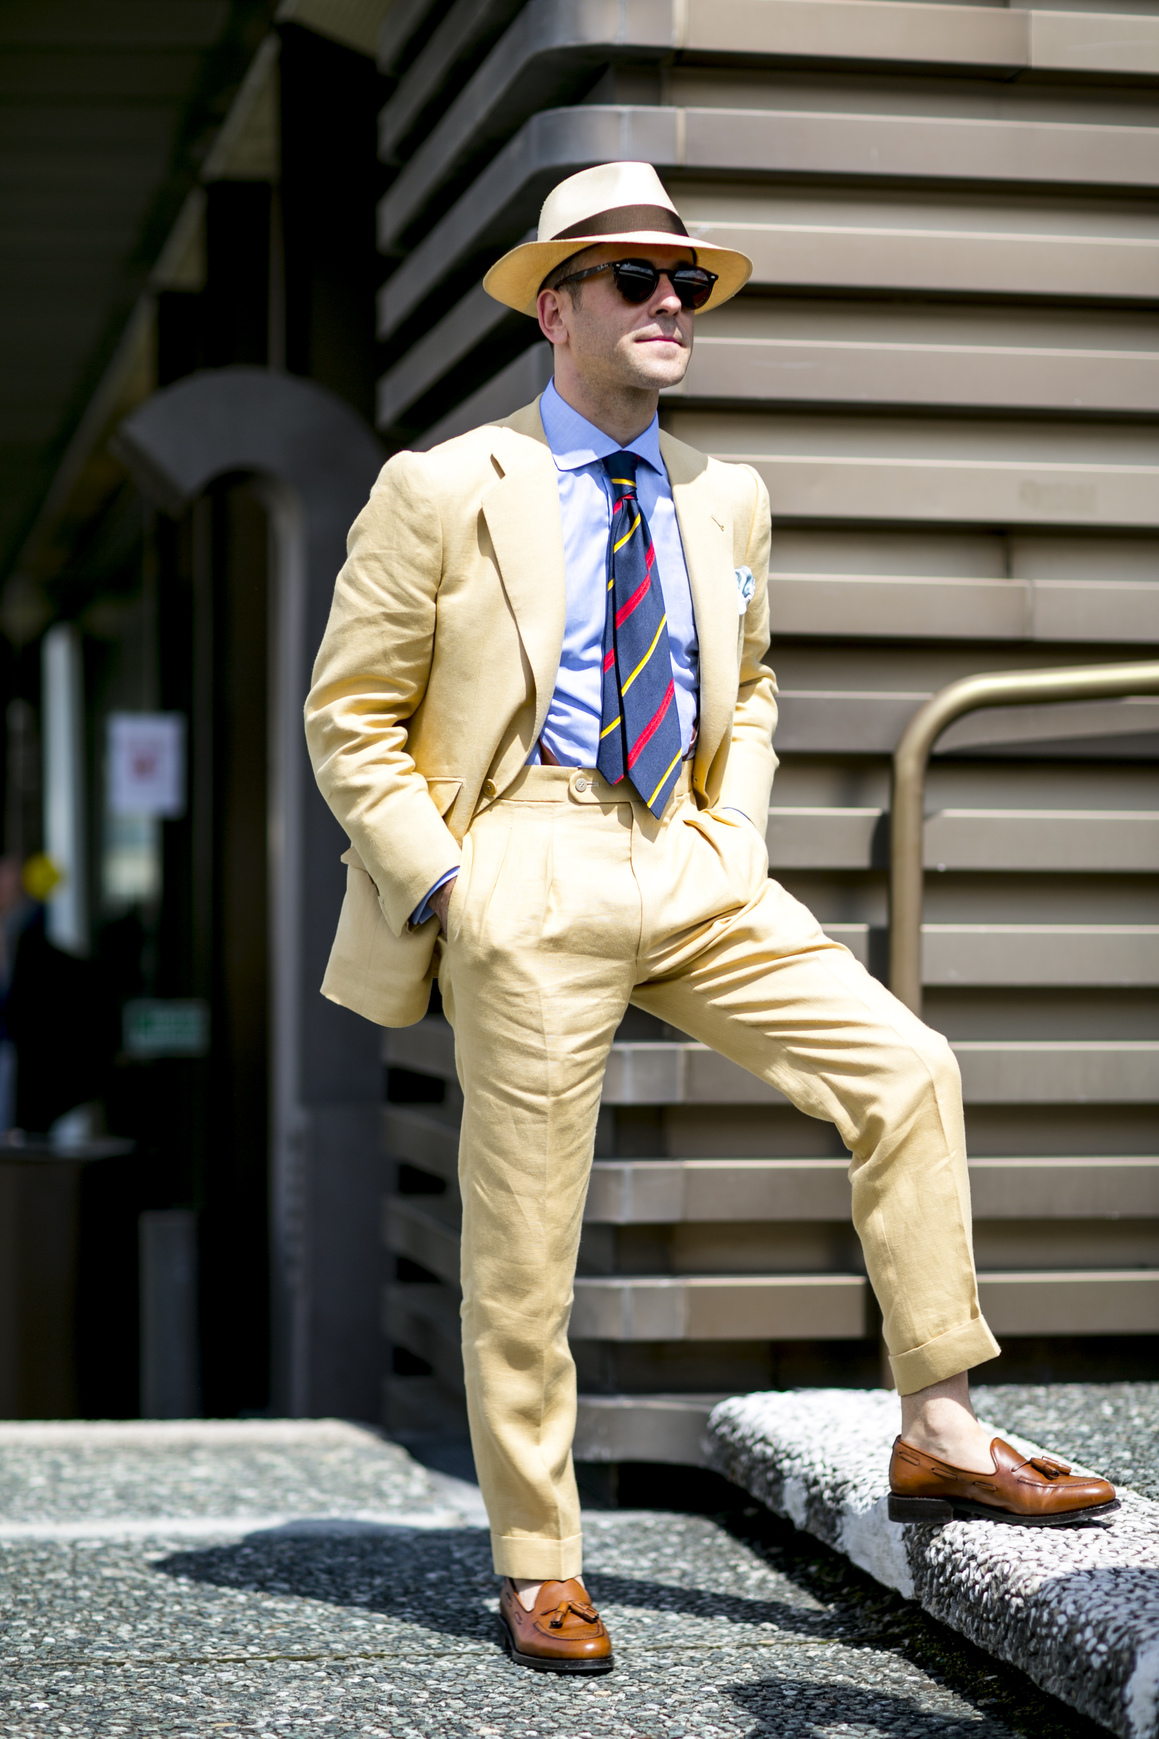 Dobieraj szerokość krawata do szerokości klap marynarki